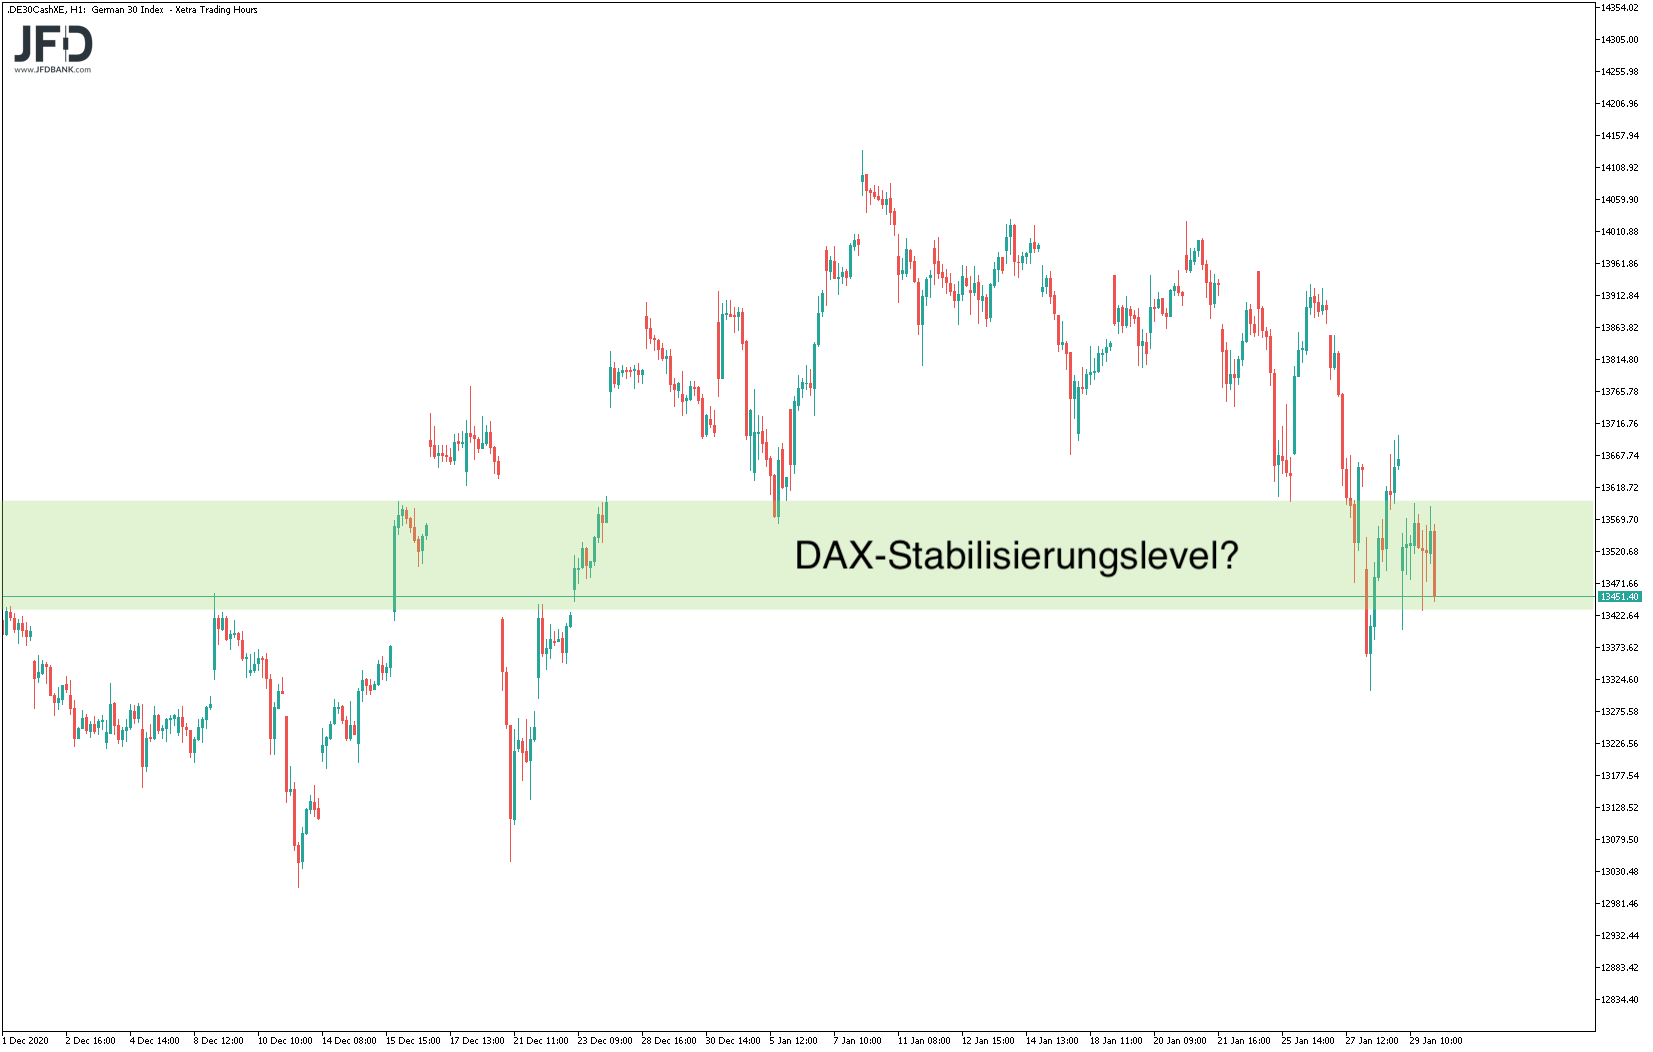 Übergeordnete Stabilisierung im DAX?